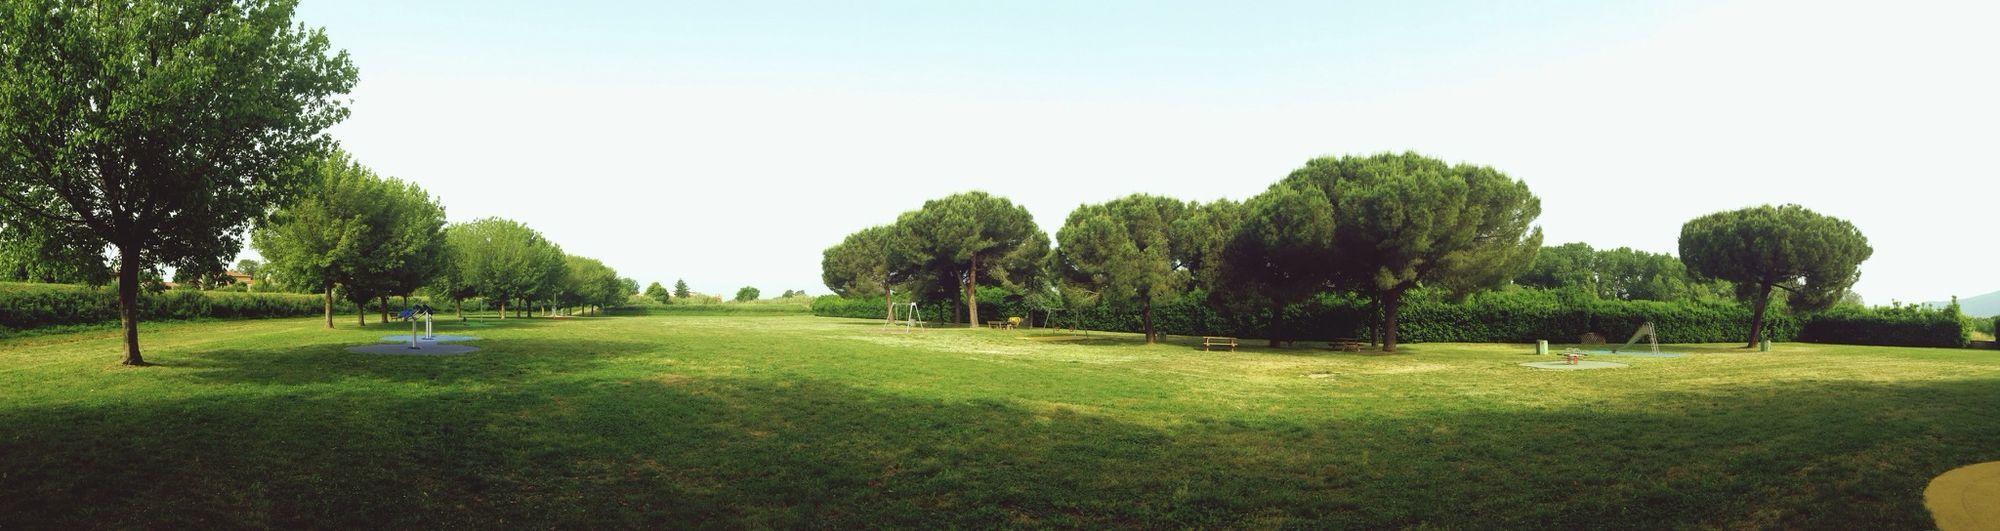 Nature Pisa Mattina Run